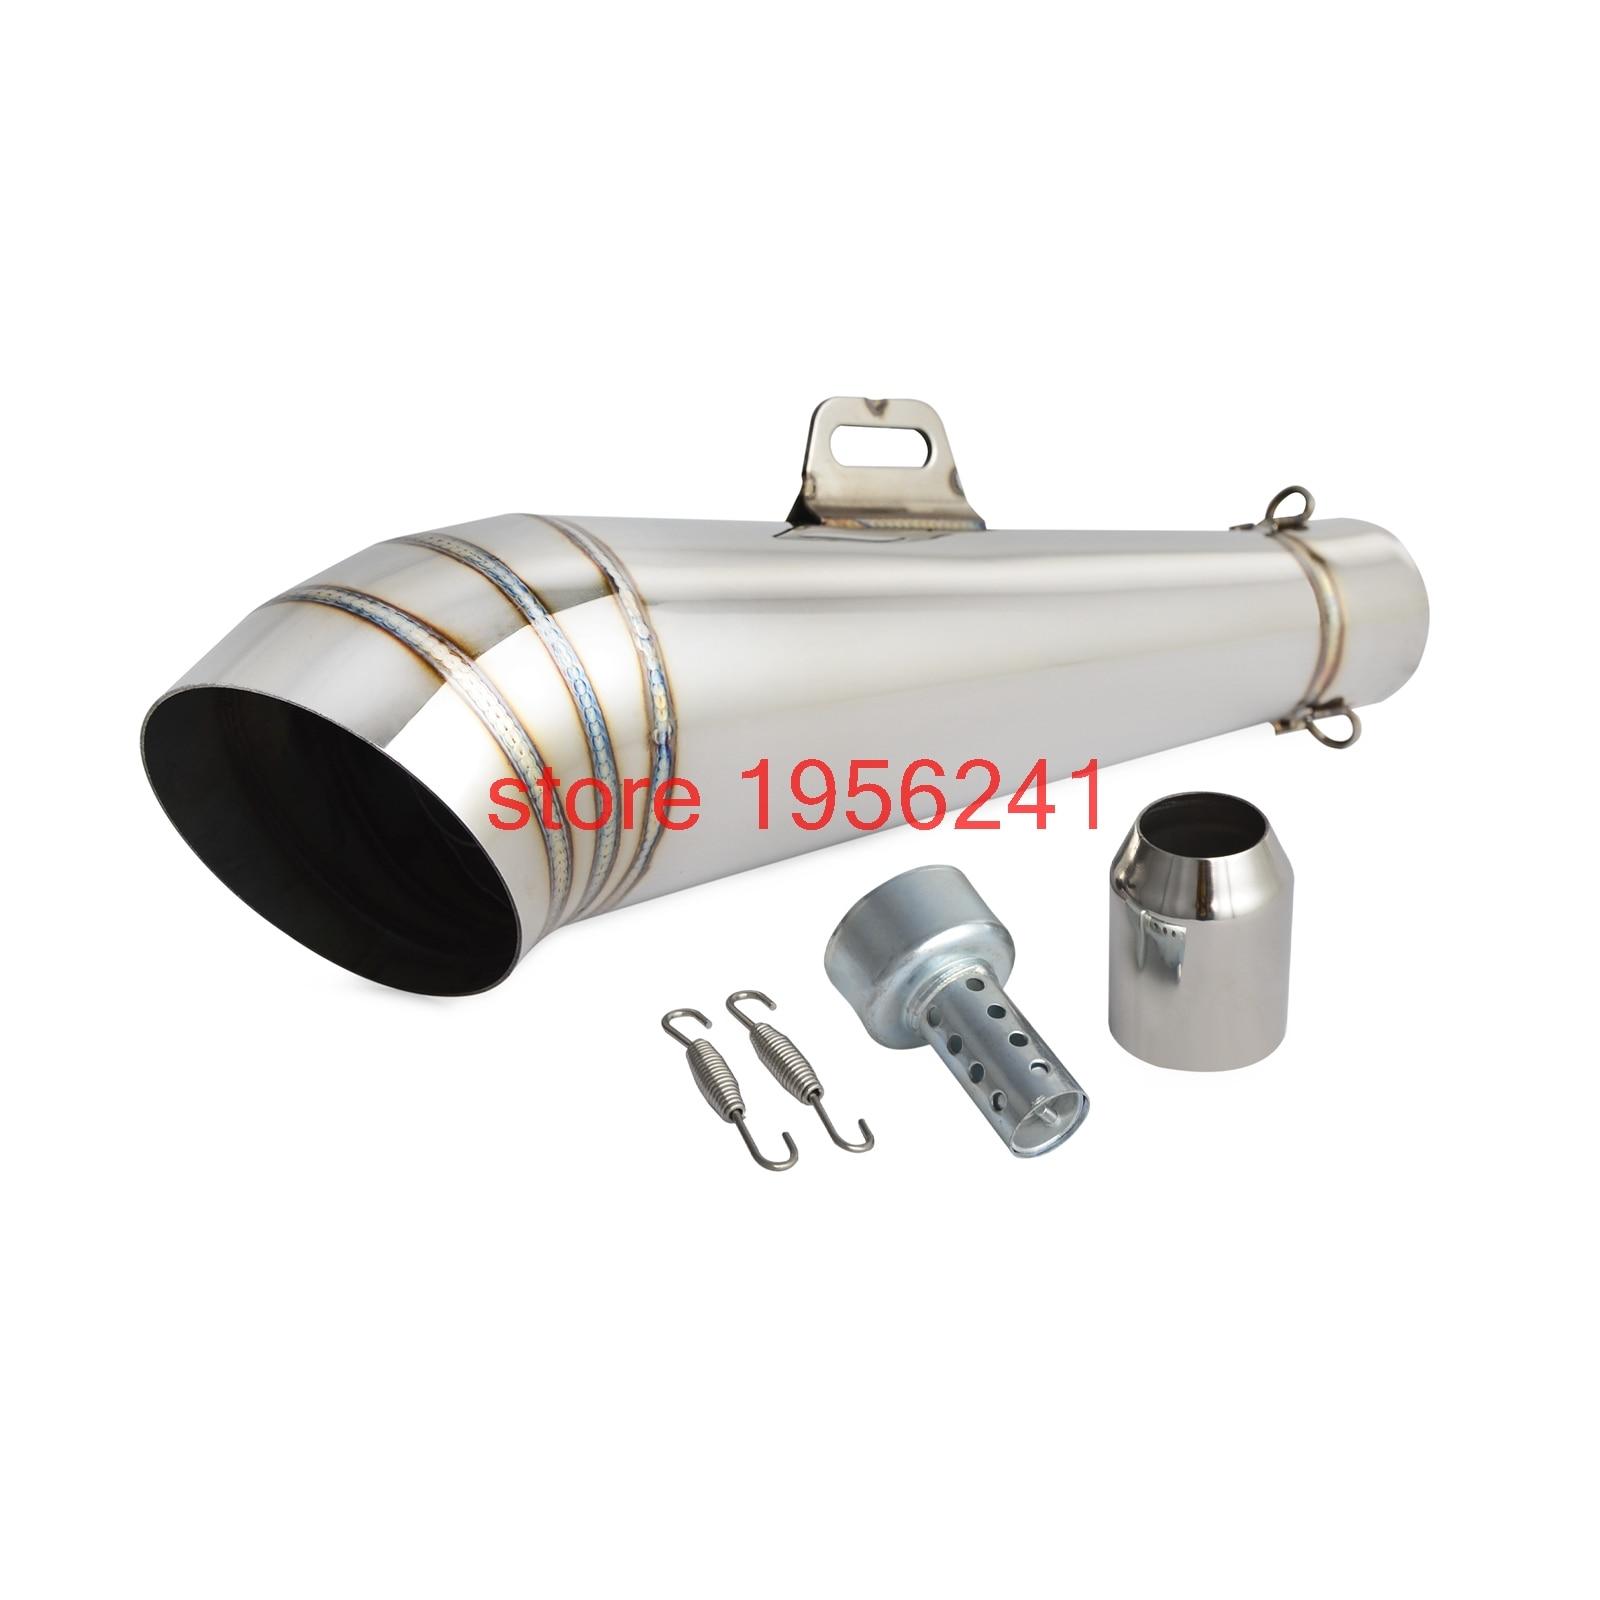 38-51 MM GP tubo de Escape Silenciador Em Aço Inoxidável Tubo Universal Para Yamaha Kawasaki KTM 125 250 Supermoto ATV GY6 Moto de Rua